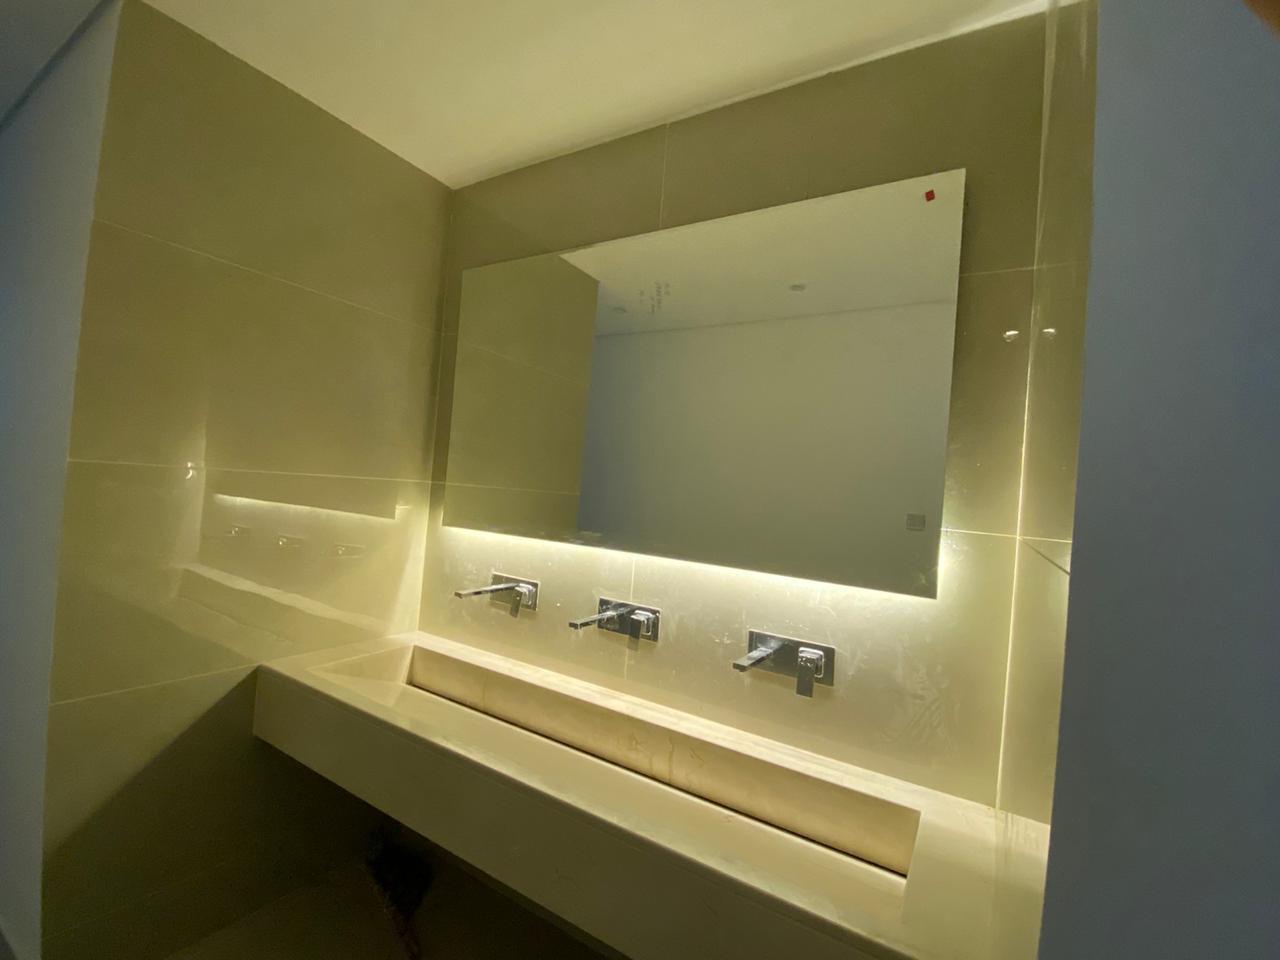 مغسلة رخام بتصميم حديث ومكسرات بالجدار